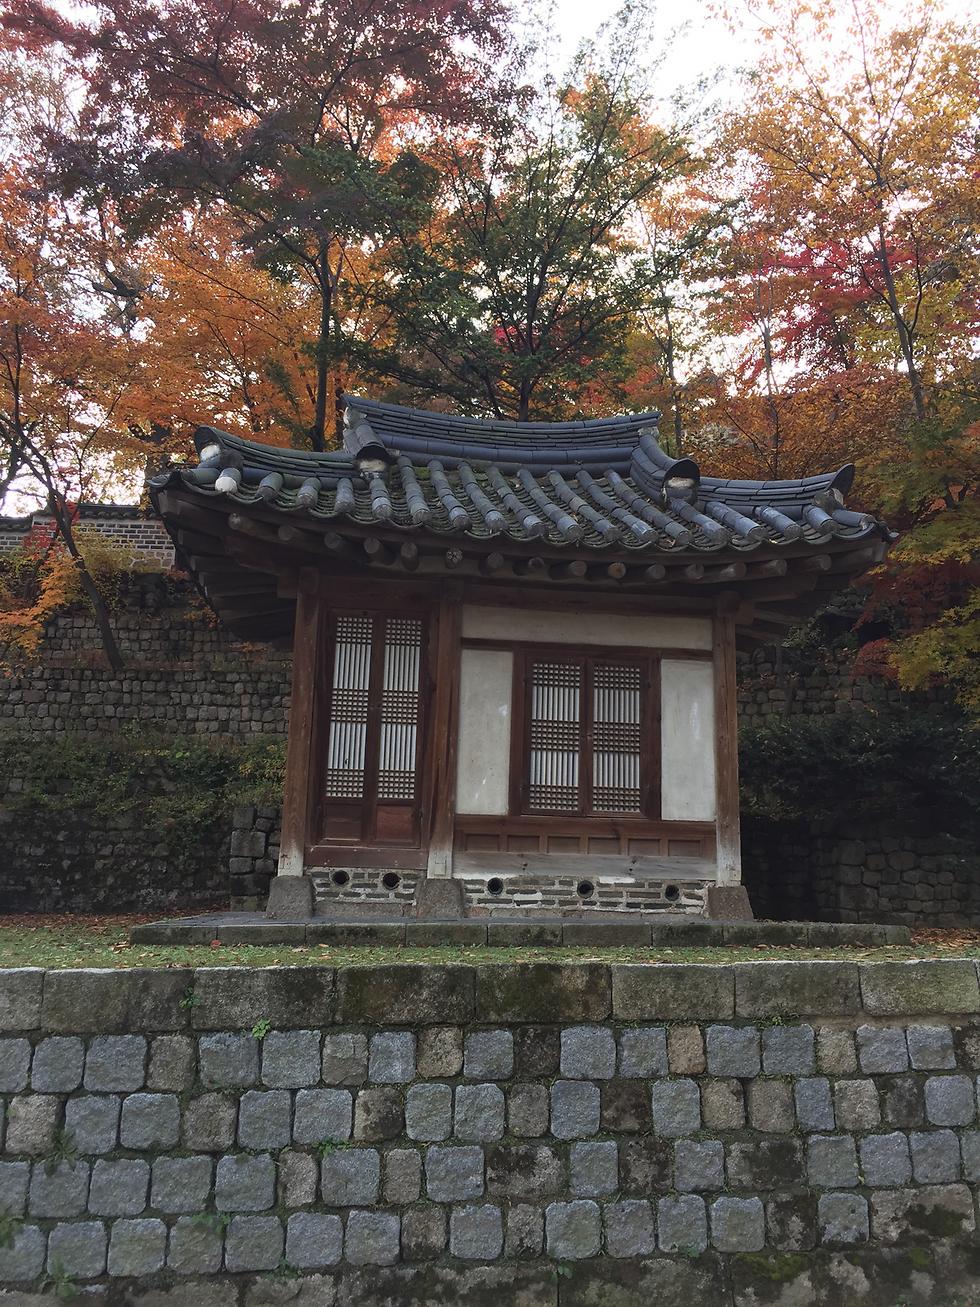 ביתן לשלווה והגות, מתחם צ'אנגדאוקגונג